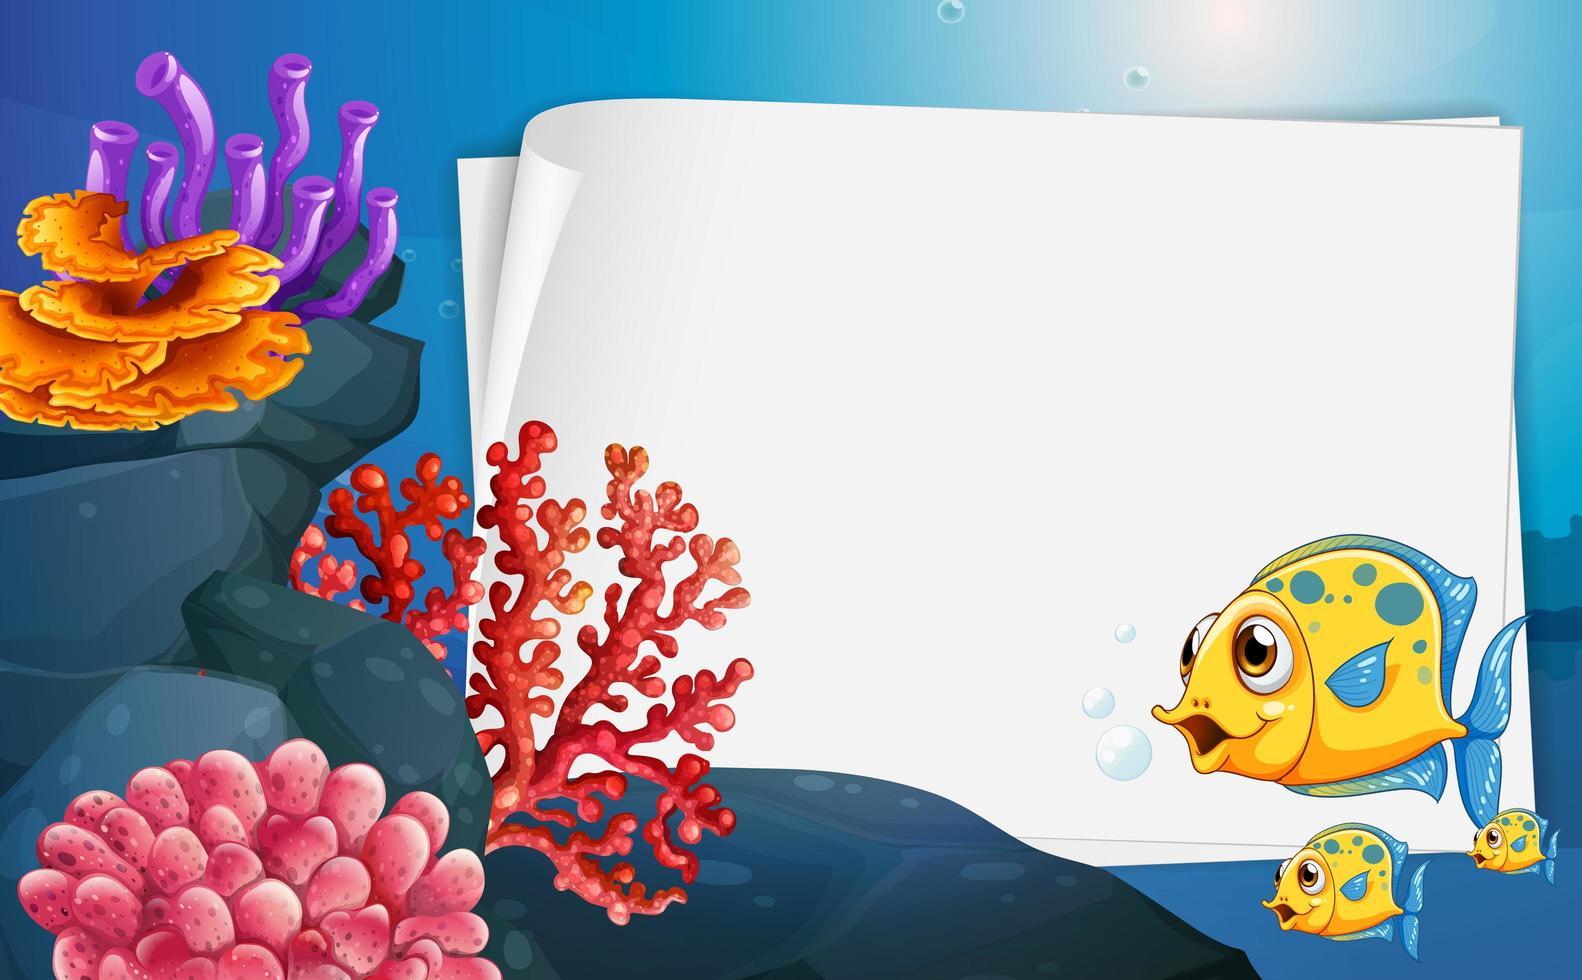 banner de papel em branco com peixes exóticos e elementos da natureza submarina no fundo subaquático vetor